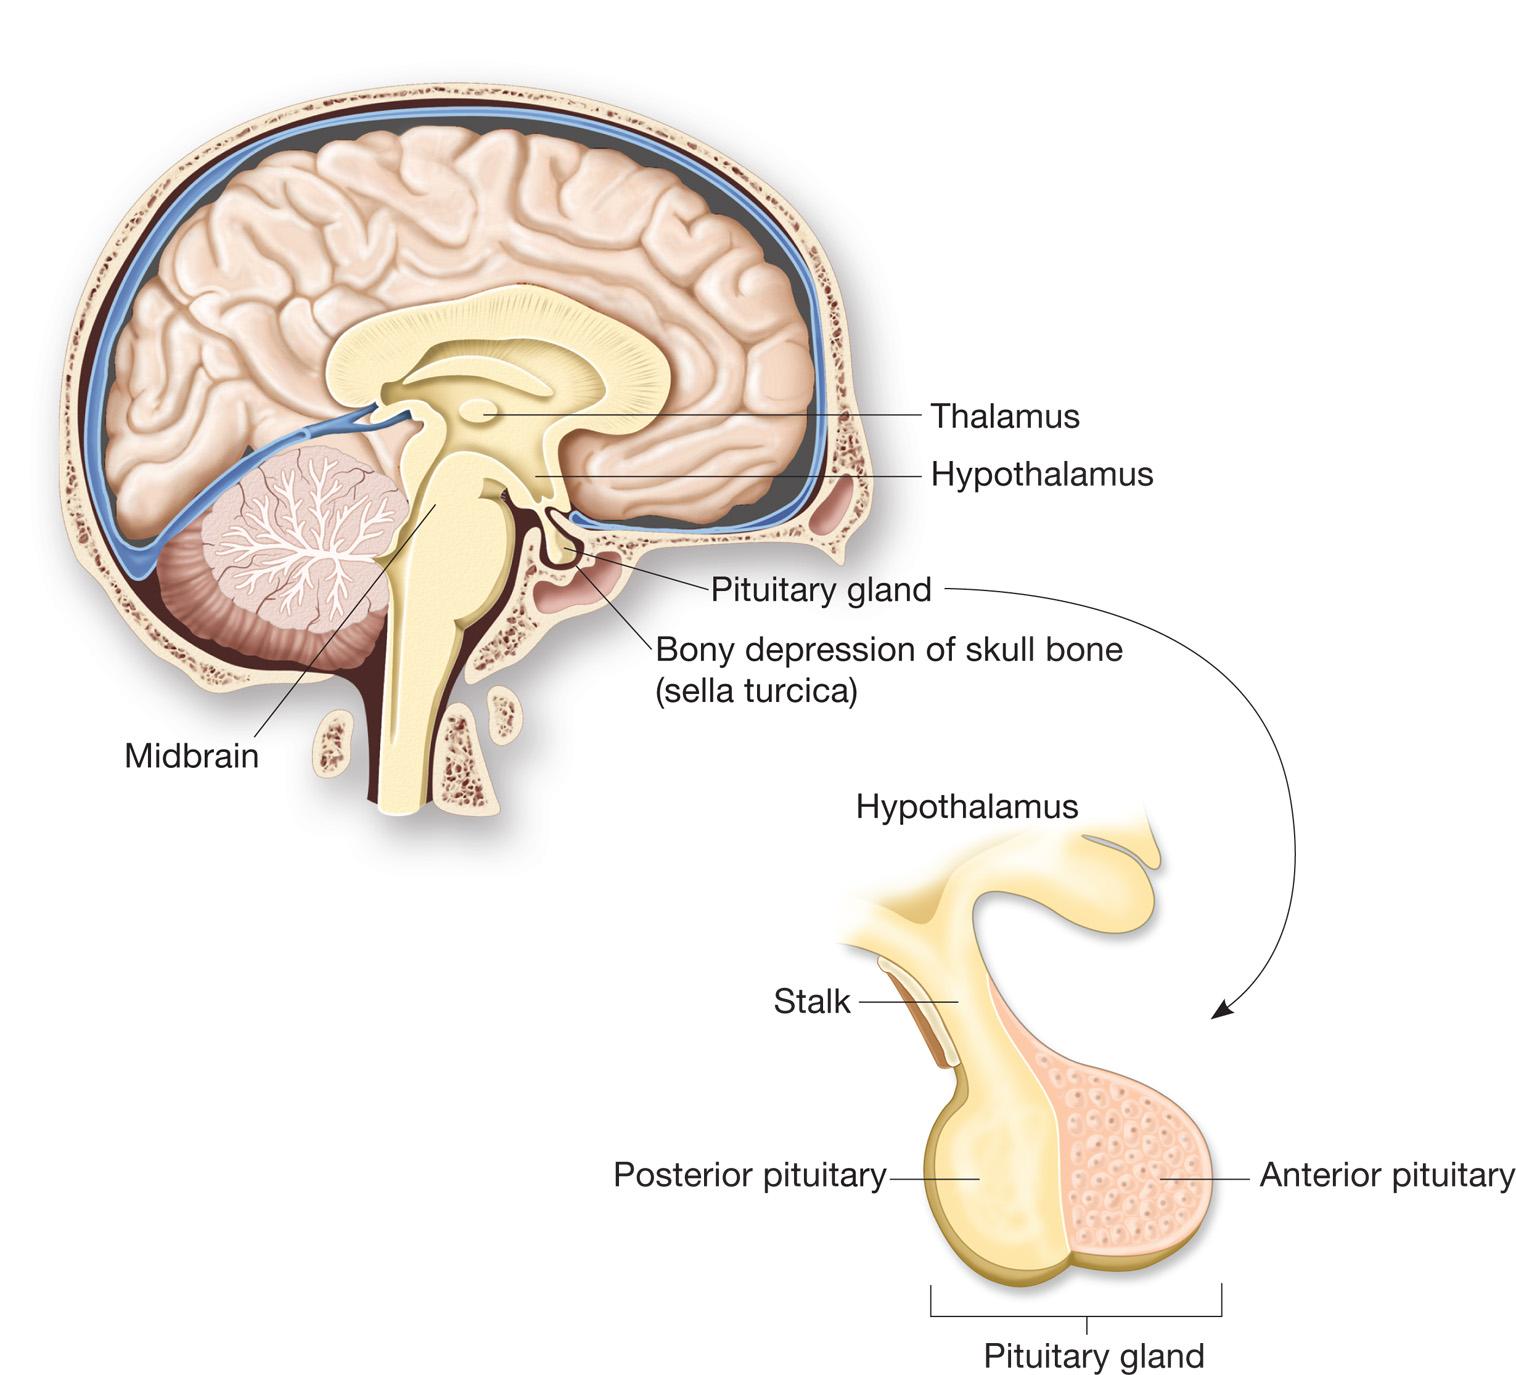 https://biology-forums.com/gallery/14755_28_08_12_1_42_27_82361629.jpeg